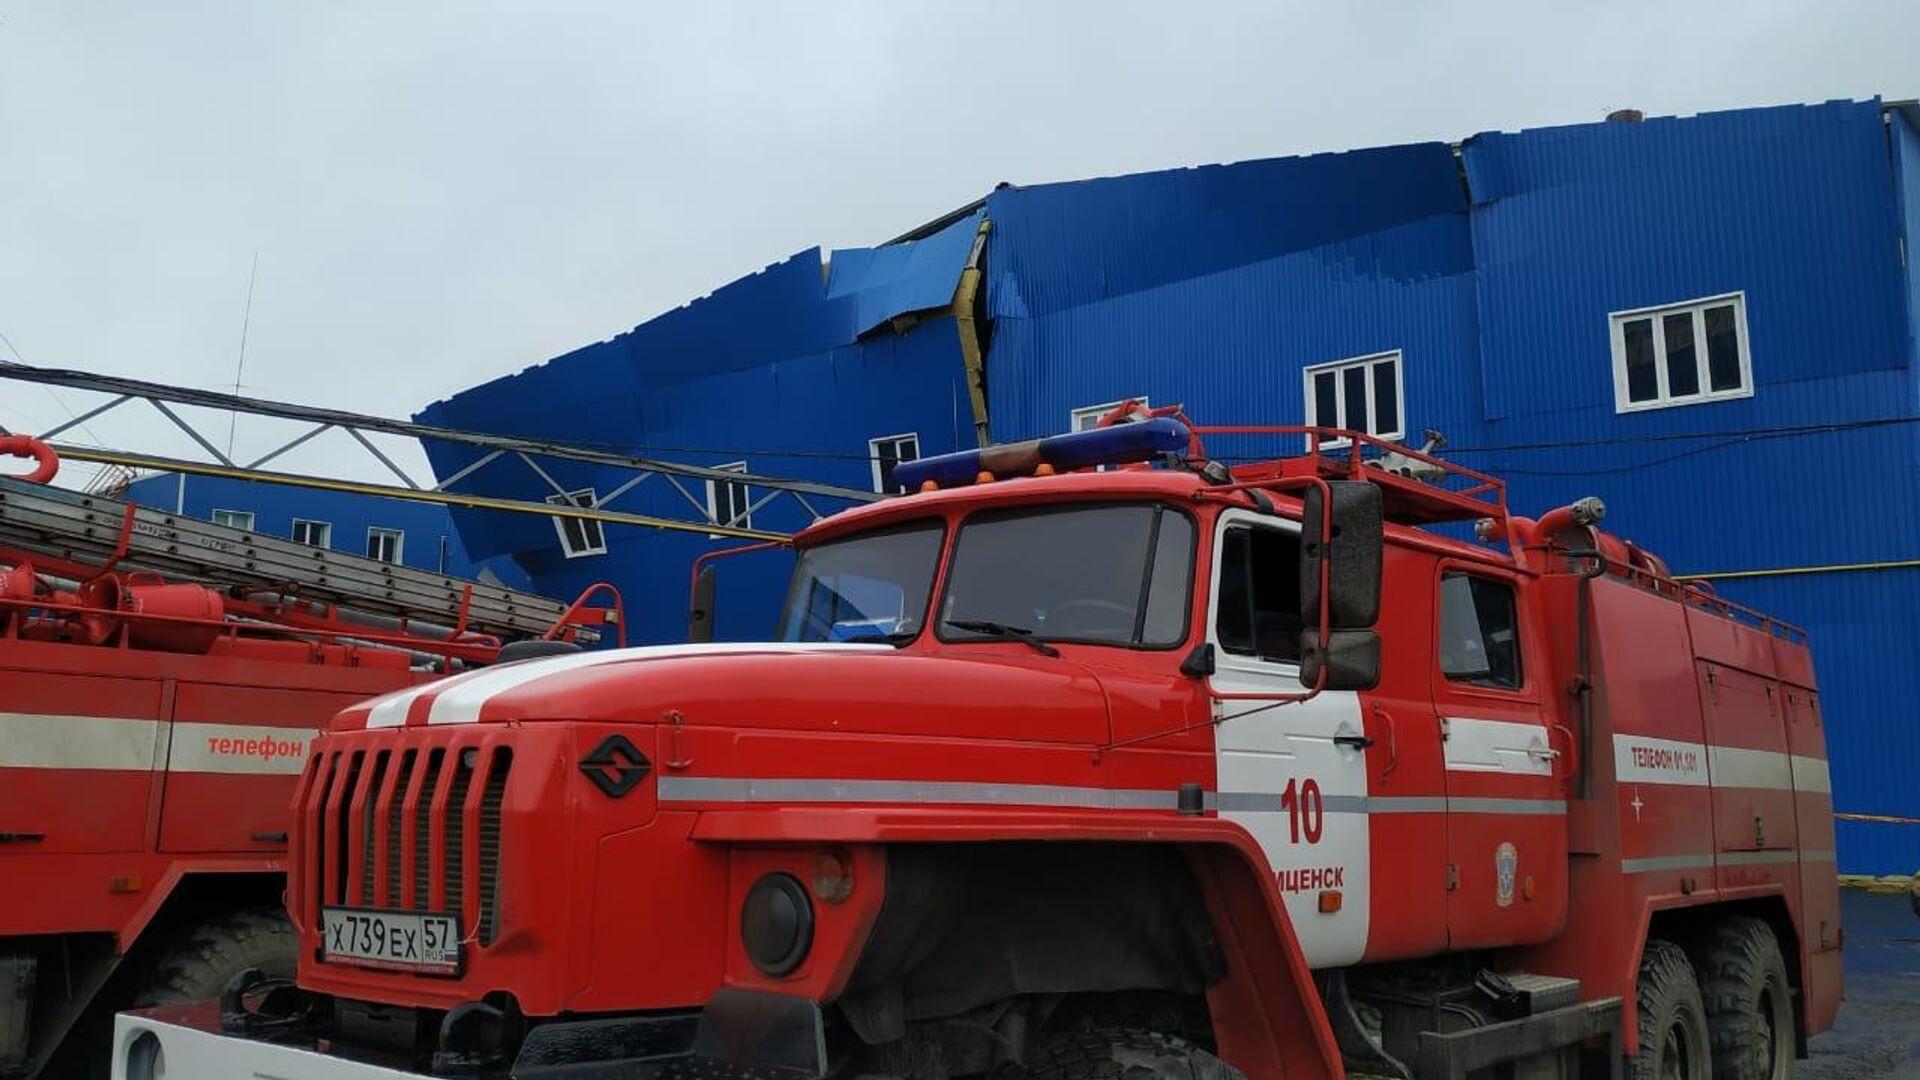 Пожарные машины на месте взрыва газа на заводе резиновых изделий в Мценске - РИА Новости, 1920, 31.01.2020